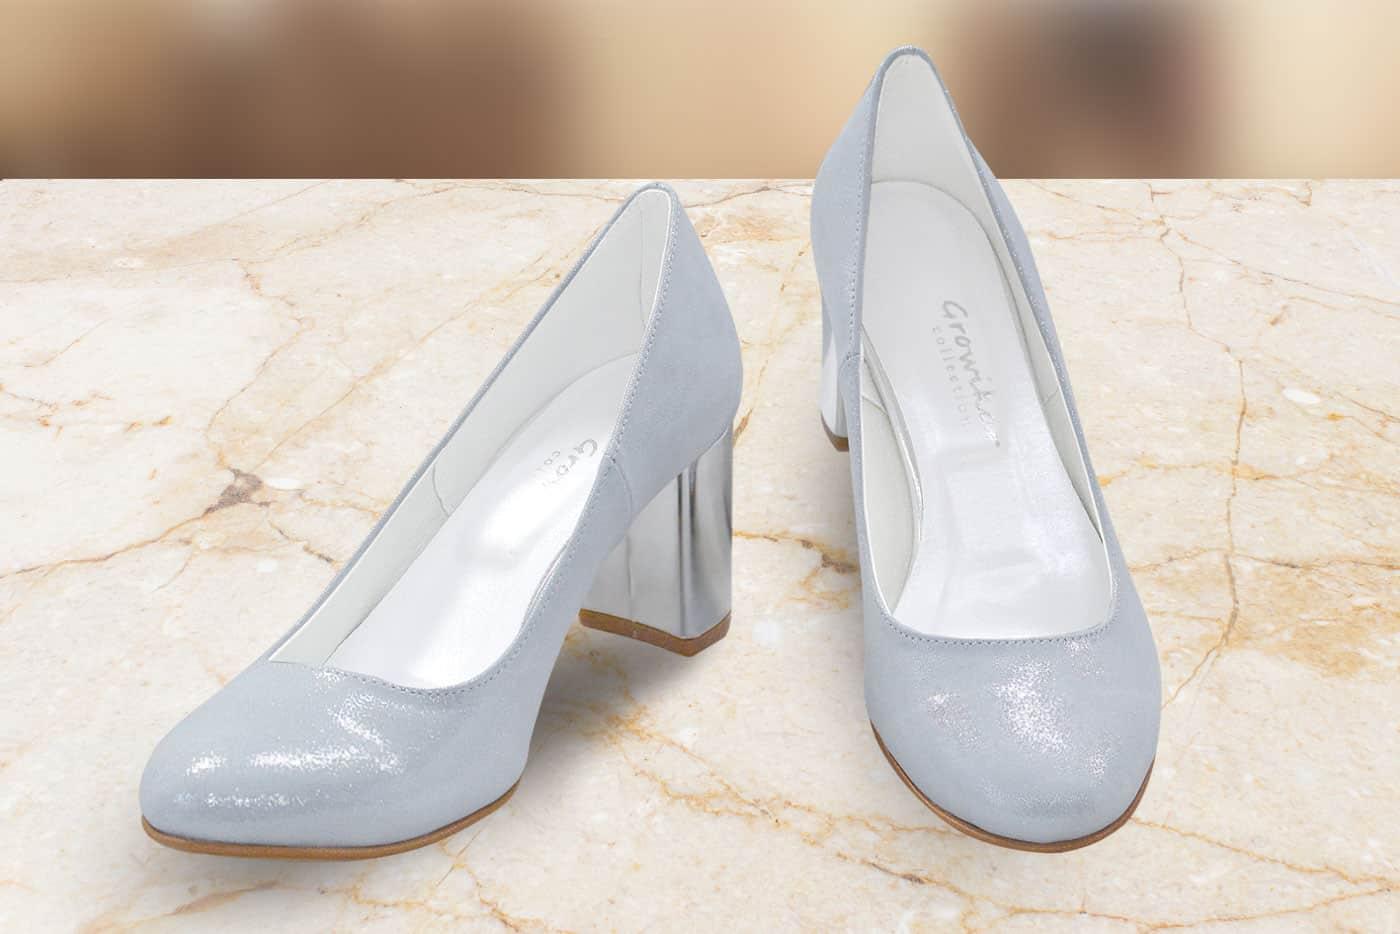 0473764afc620 Odwiedzamy najlepsze targi w Polsce i za granicą, aby projektować obuwie  według najnowszych trendów i metod. Dzięki temu Panna Młoda może poczuć się  ...